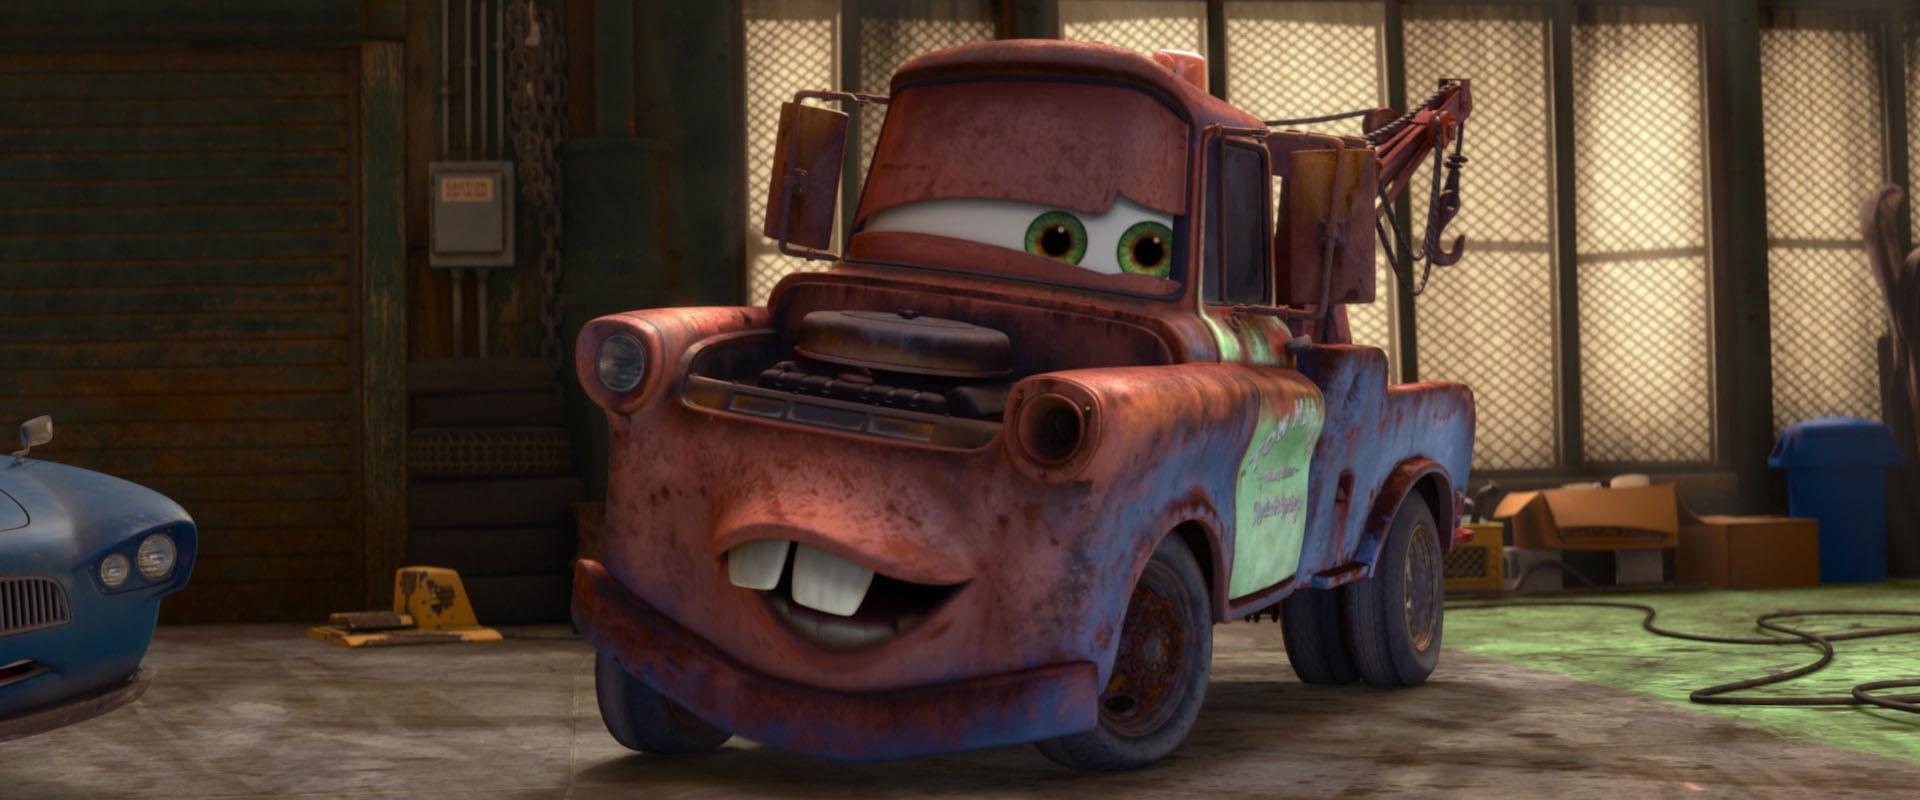 Martin personnage dans cars pixar planet fr - Depanneuse cars ...